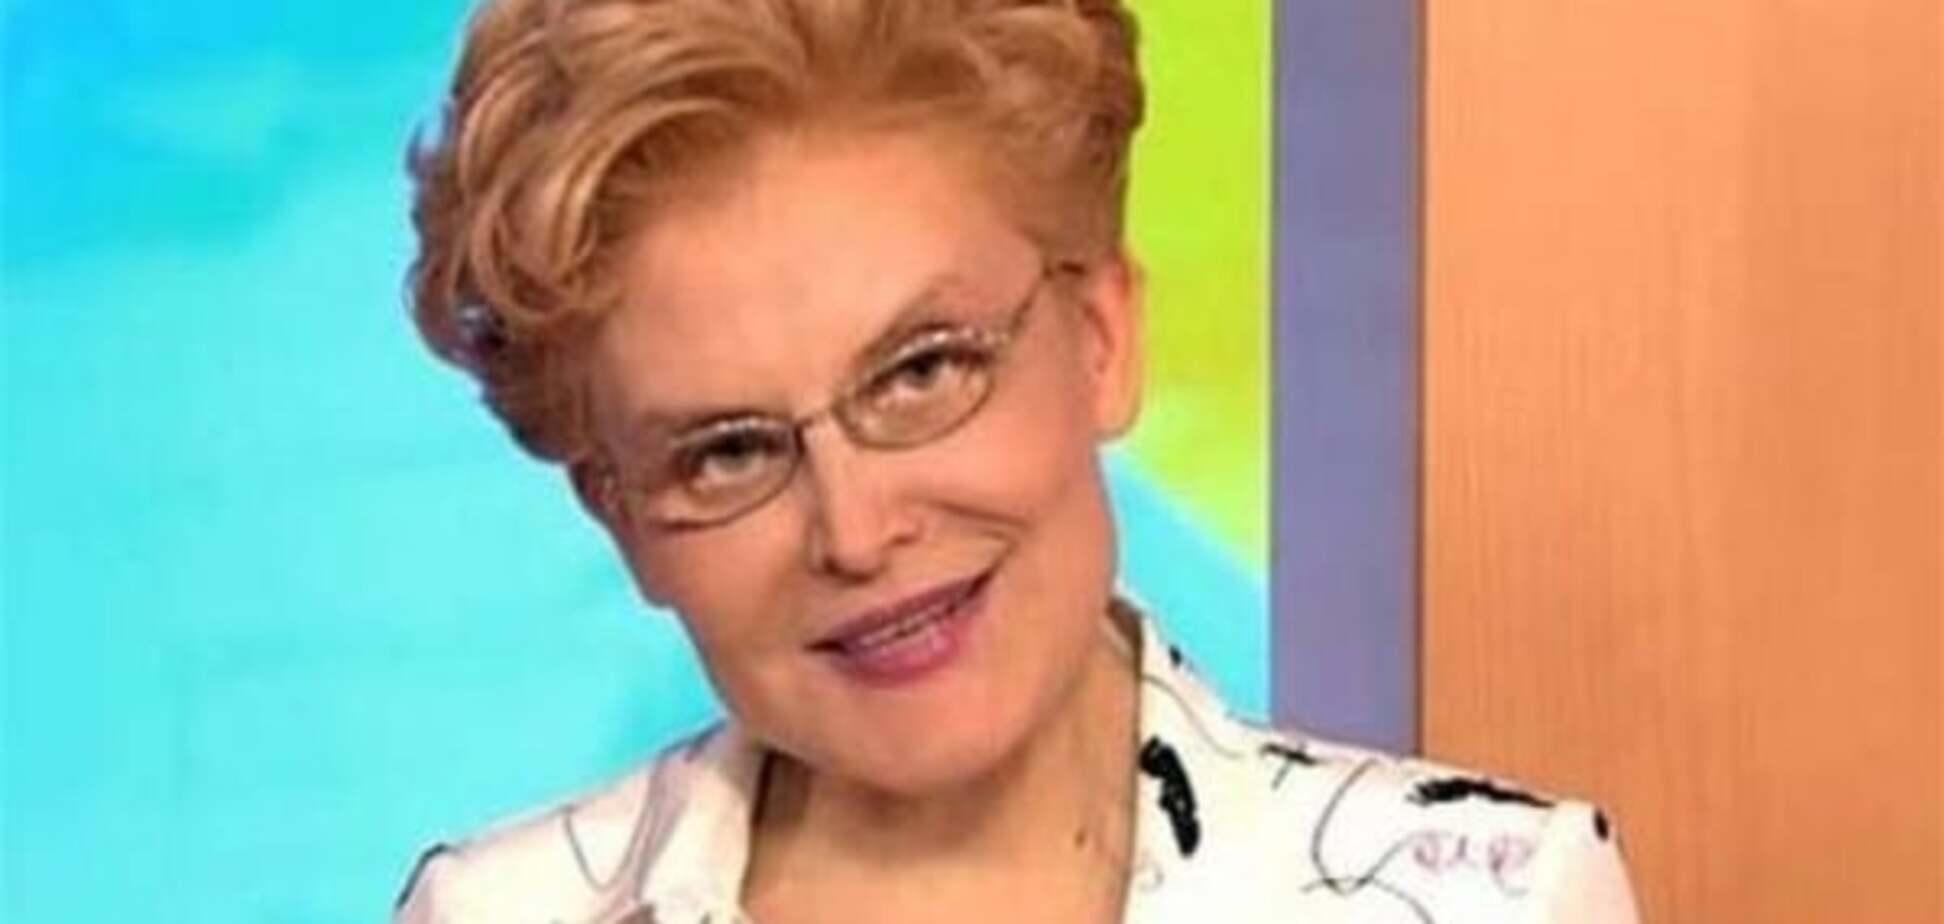 Российская телеведущая показала, как женщинам носить мужские трусы: видеофакт